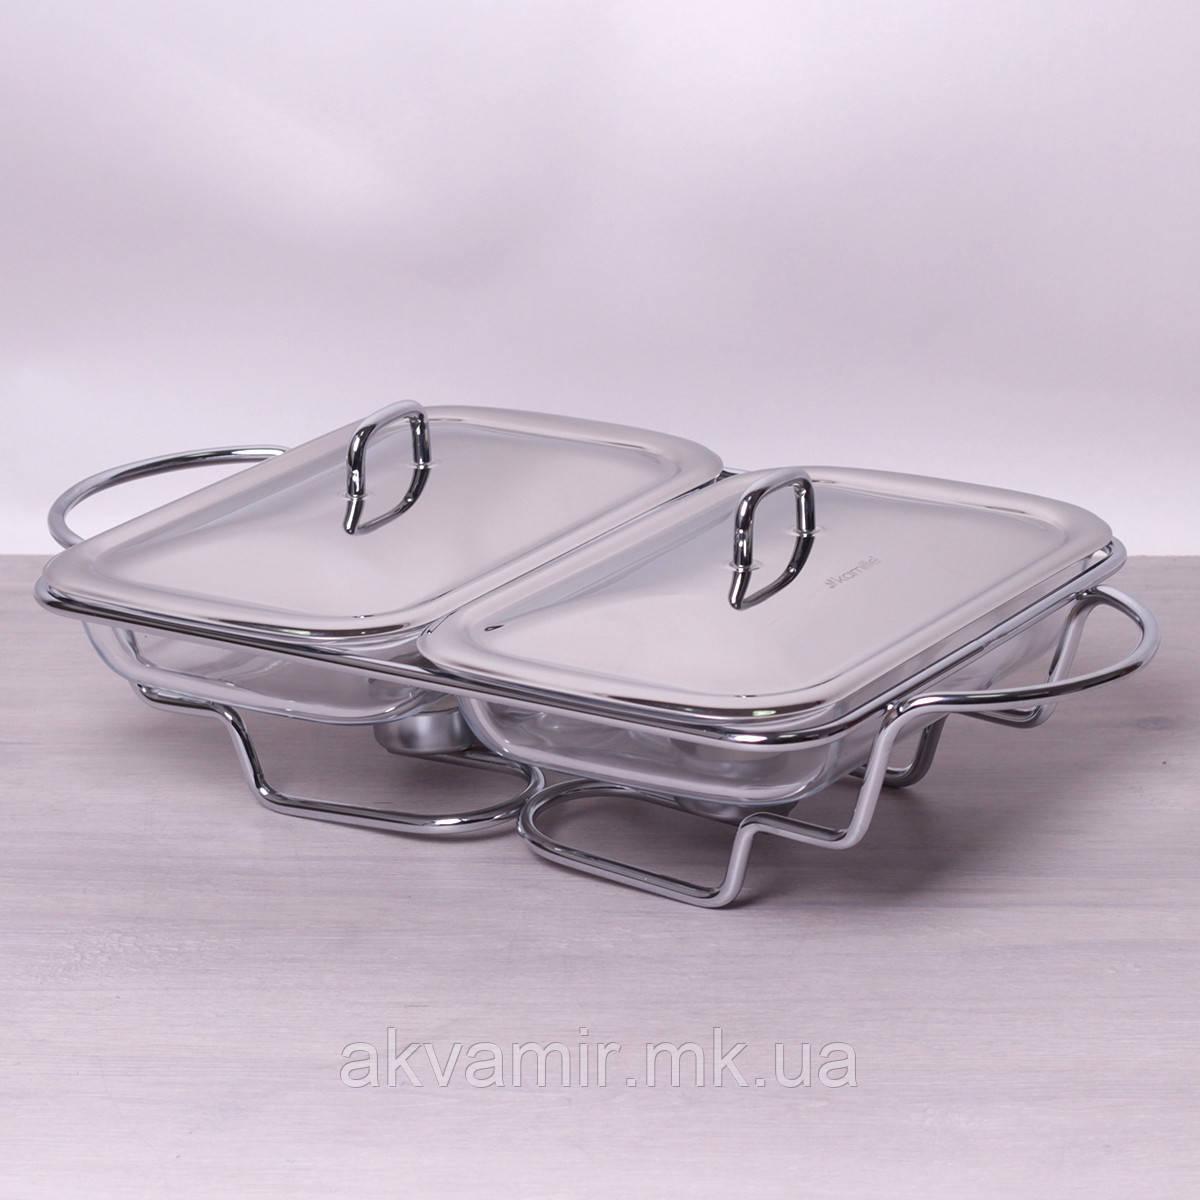 Мармит двойной стеклянный 2*1.5 л с металлическими крышками и подставкой